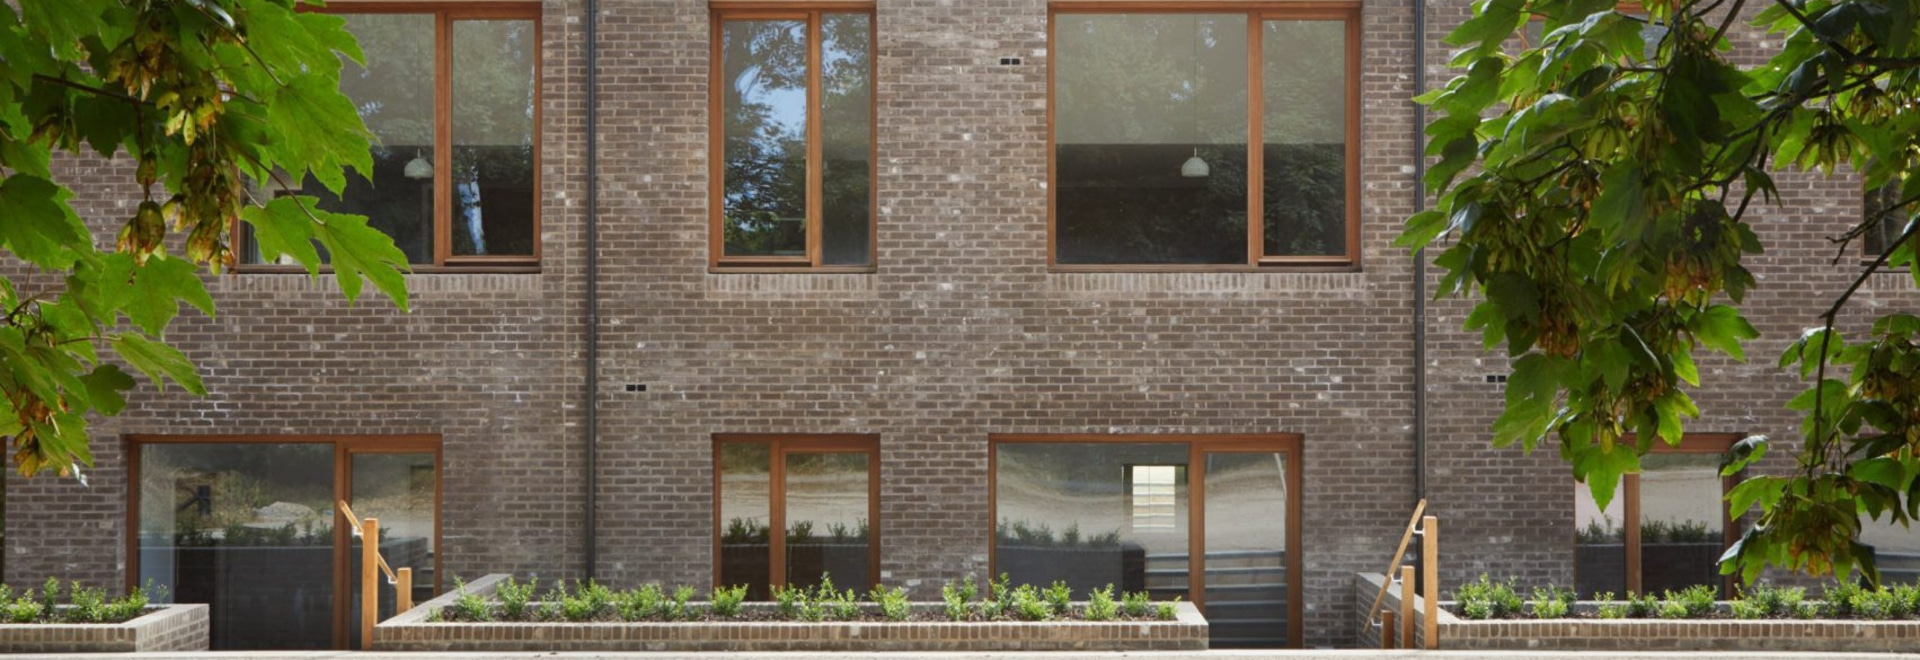 Morris + la compañía termina Wildernesse maúlla las casas de retiro en el estado histórico de Kent